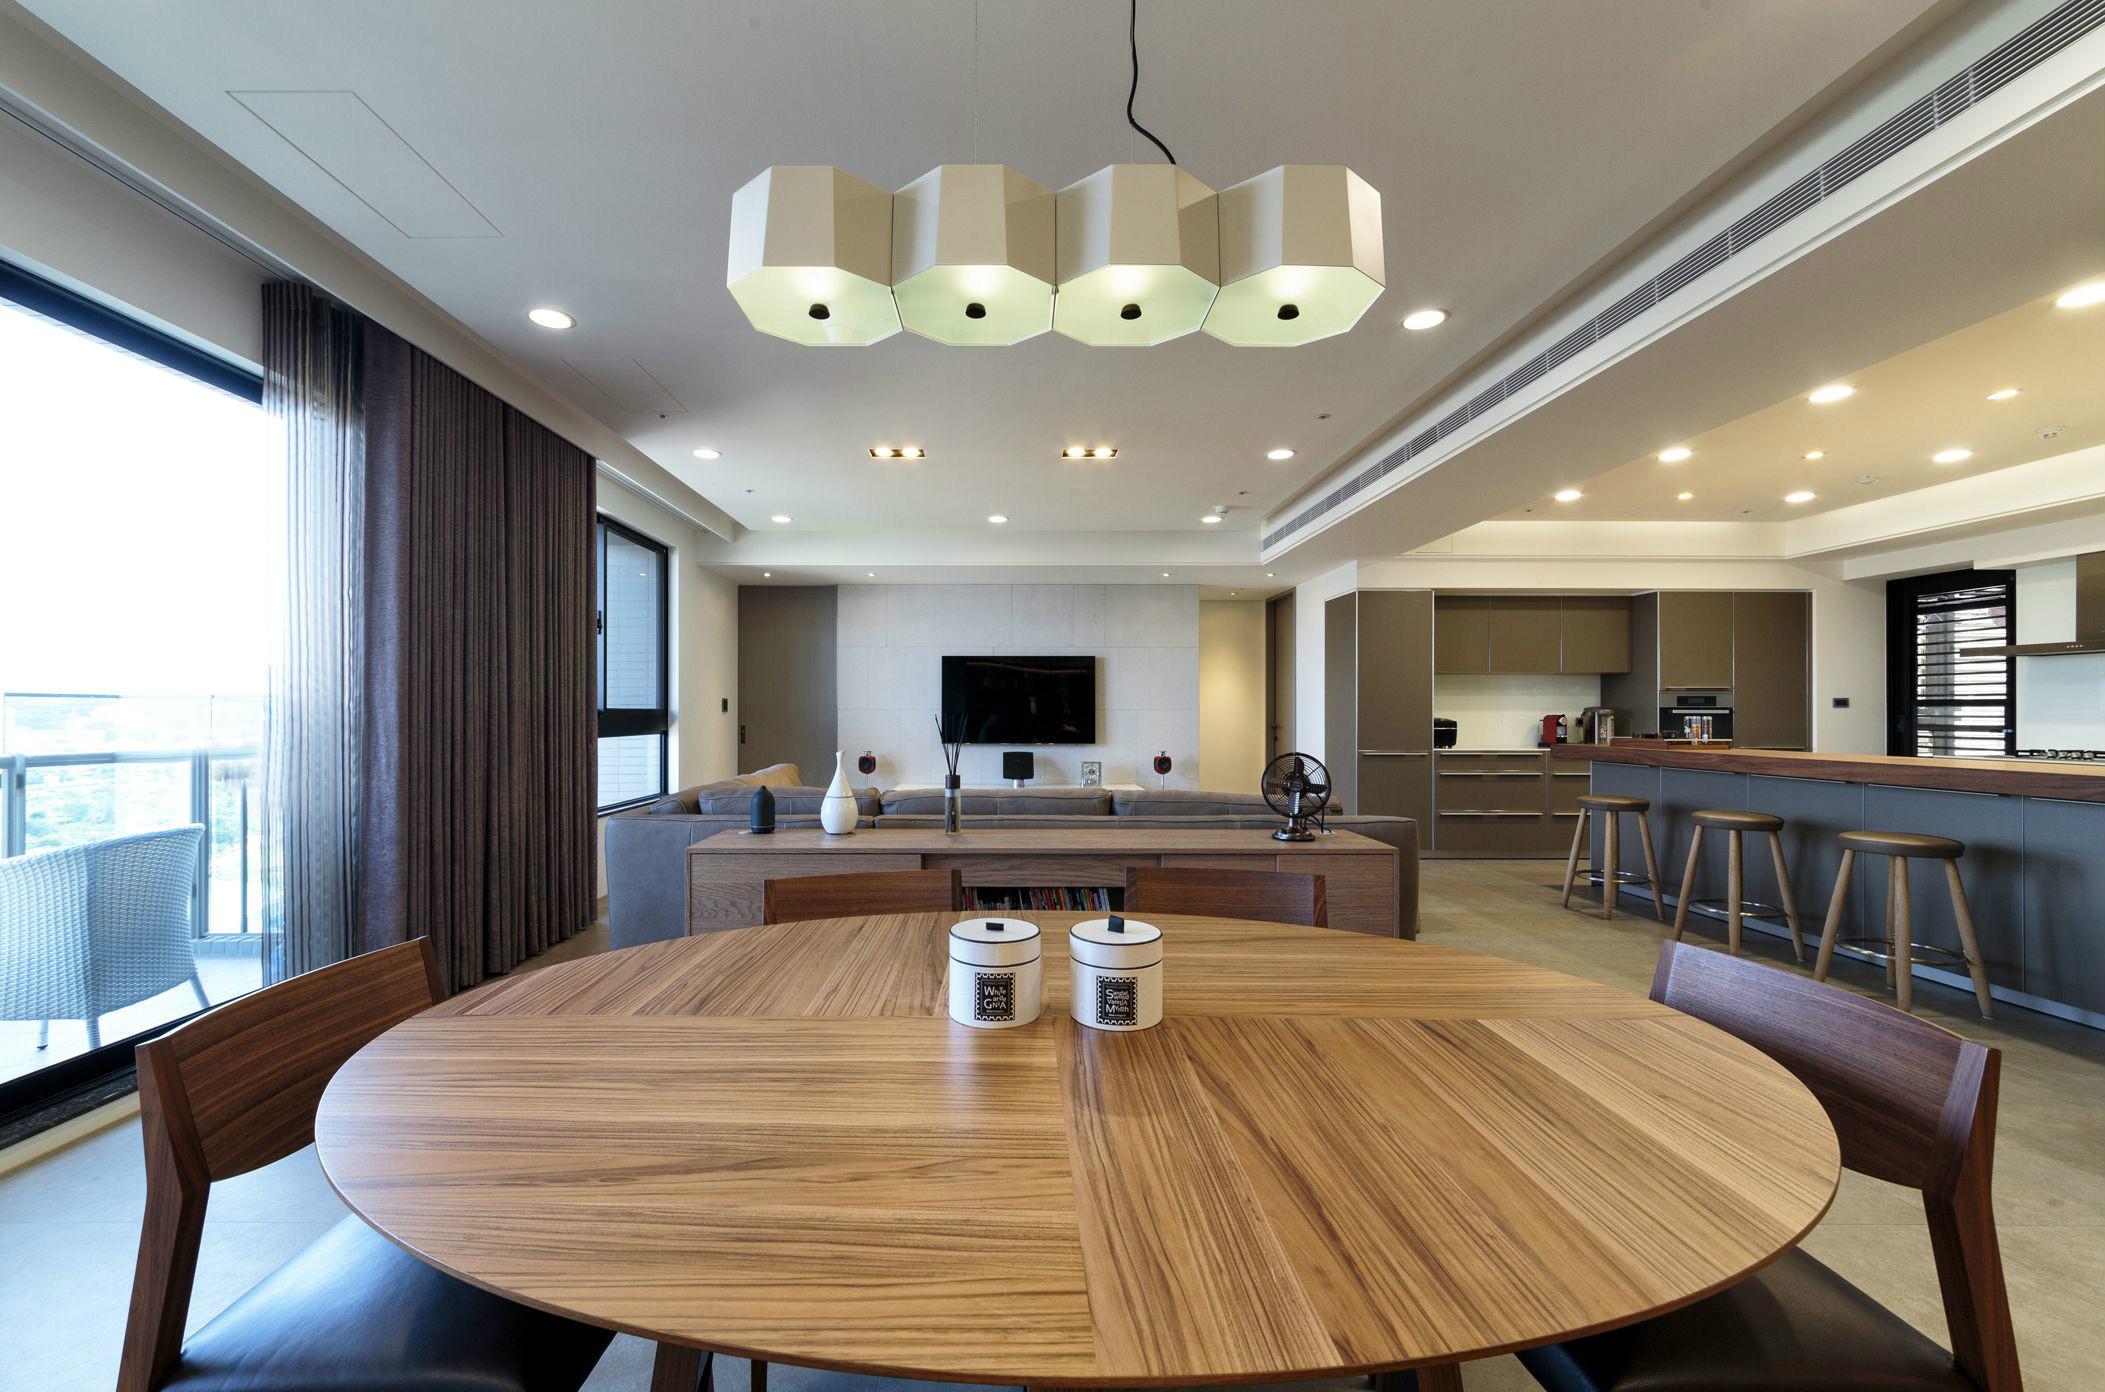 餐厅和客厅是合一的,整个视觉感就拉长了,简约不拥挤